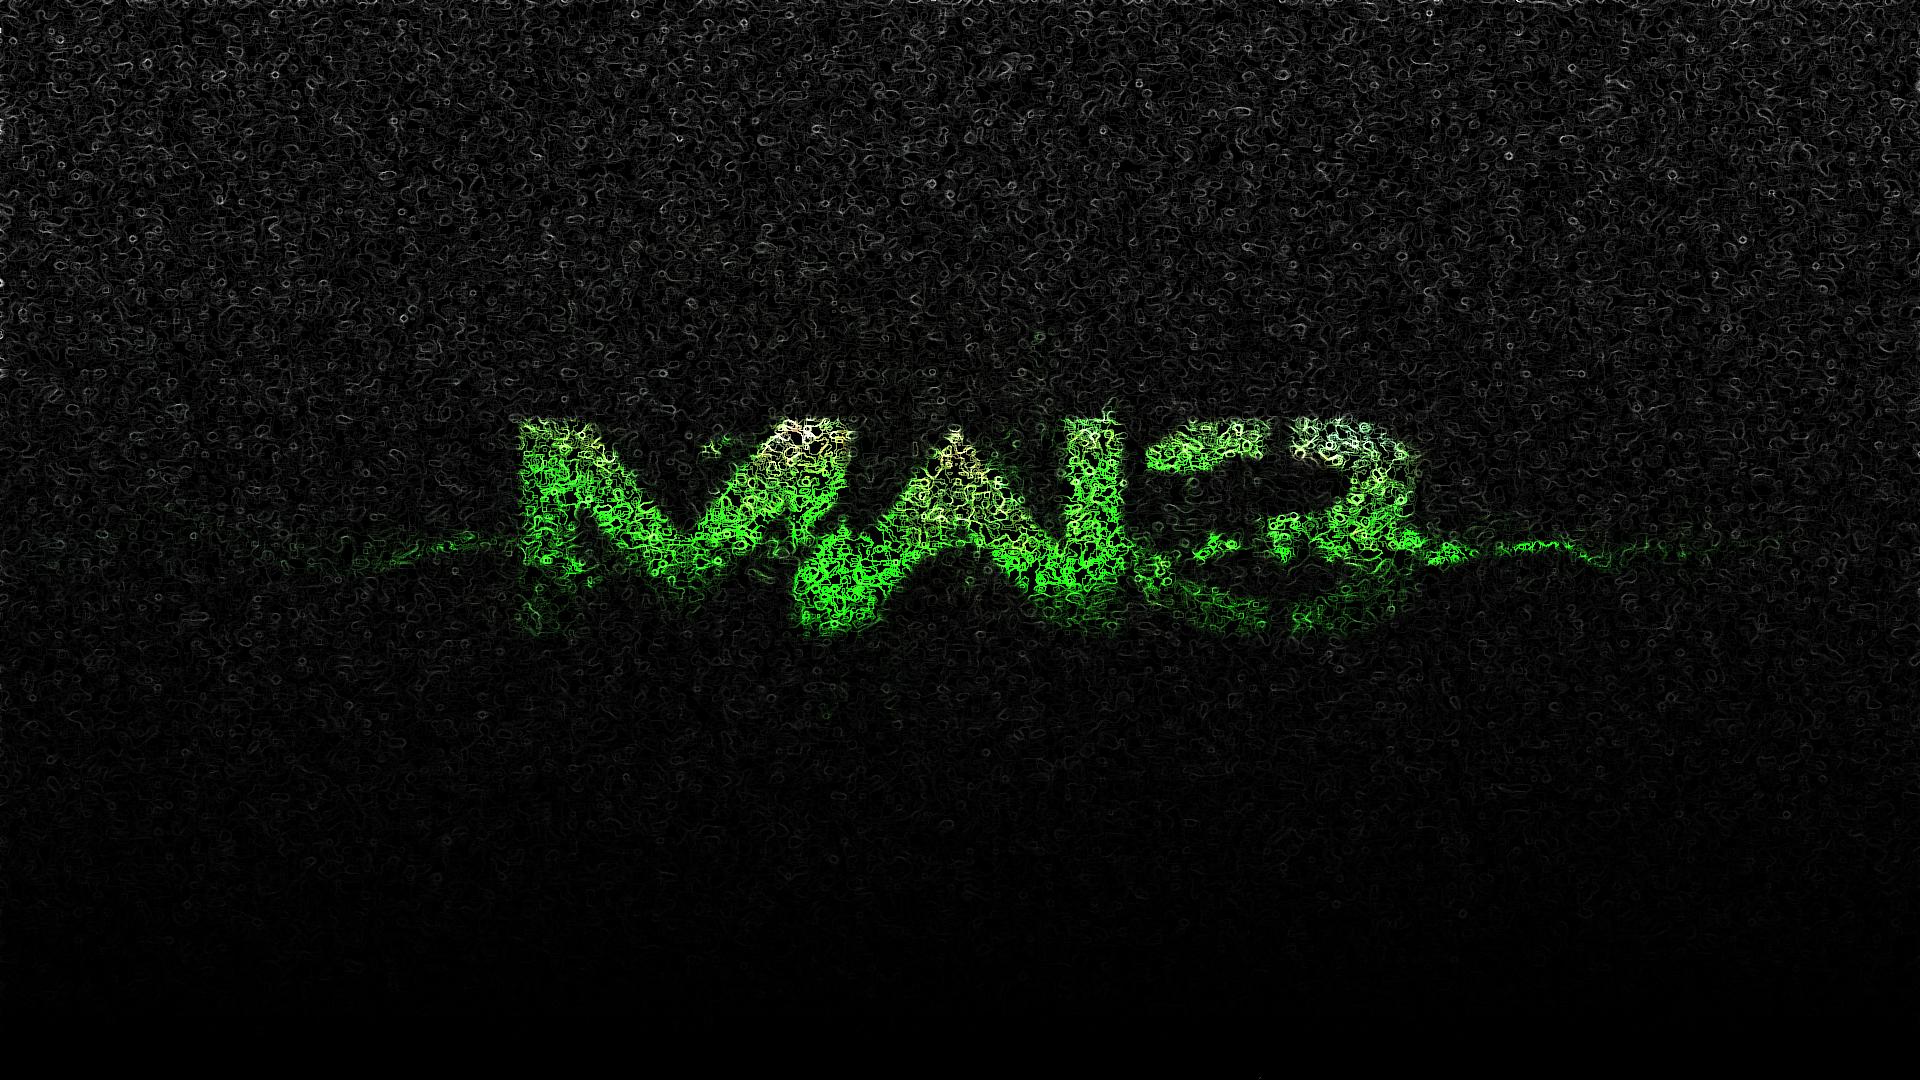 mw3 wallpaper logo by checkergermany fan art wallpaper games 2011 2015 1920x1080